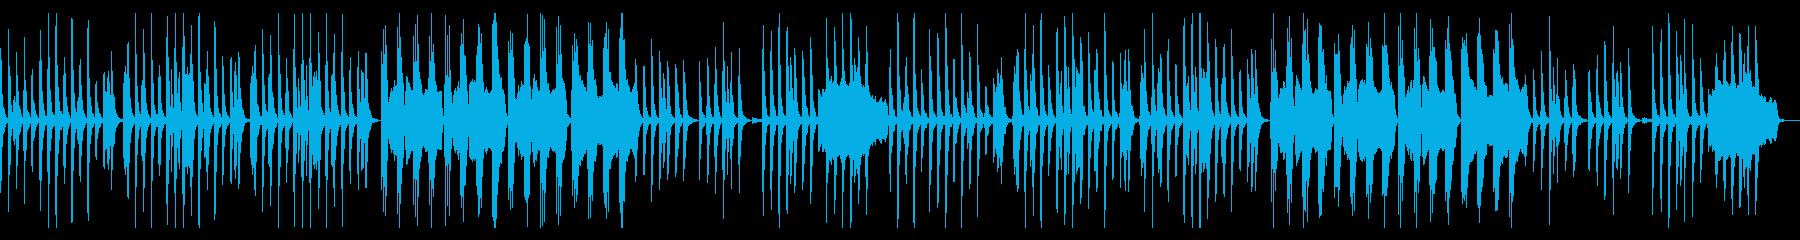 怪しくゆっくりでシンプルな曲の再生済みの波形